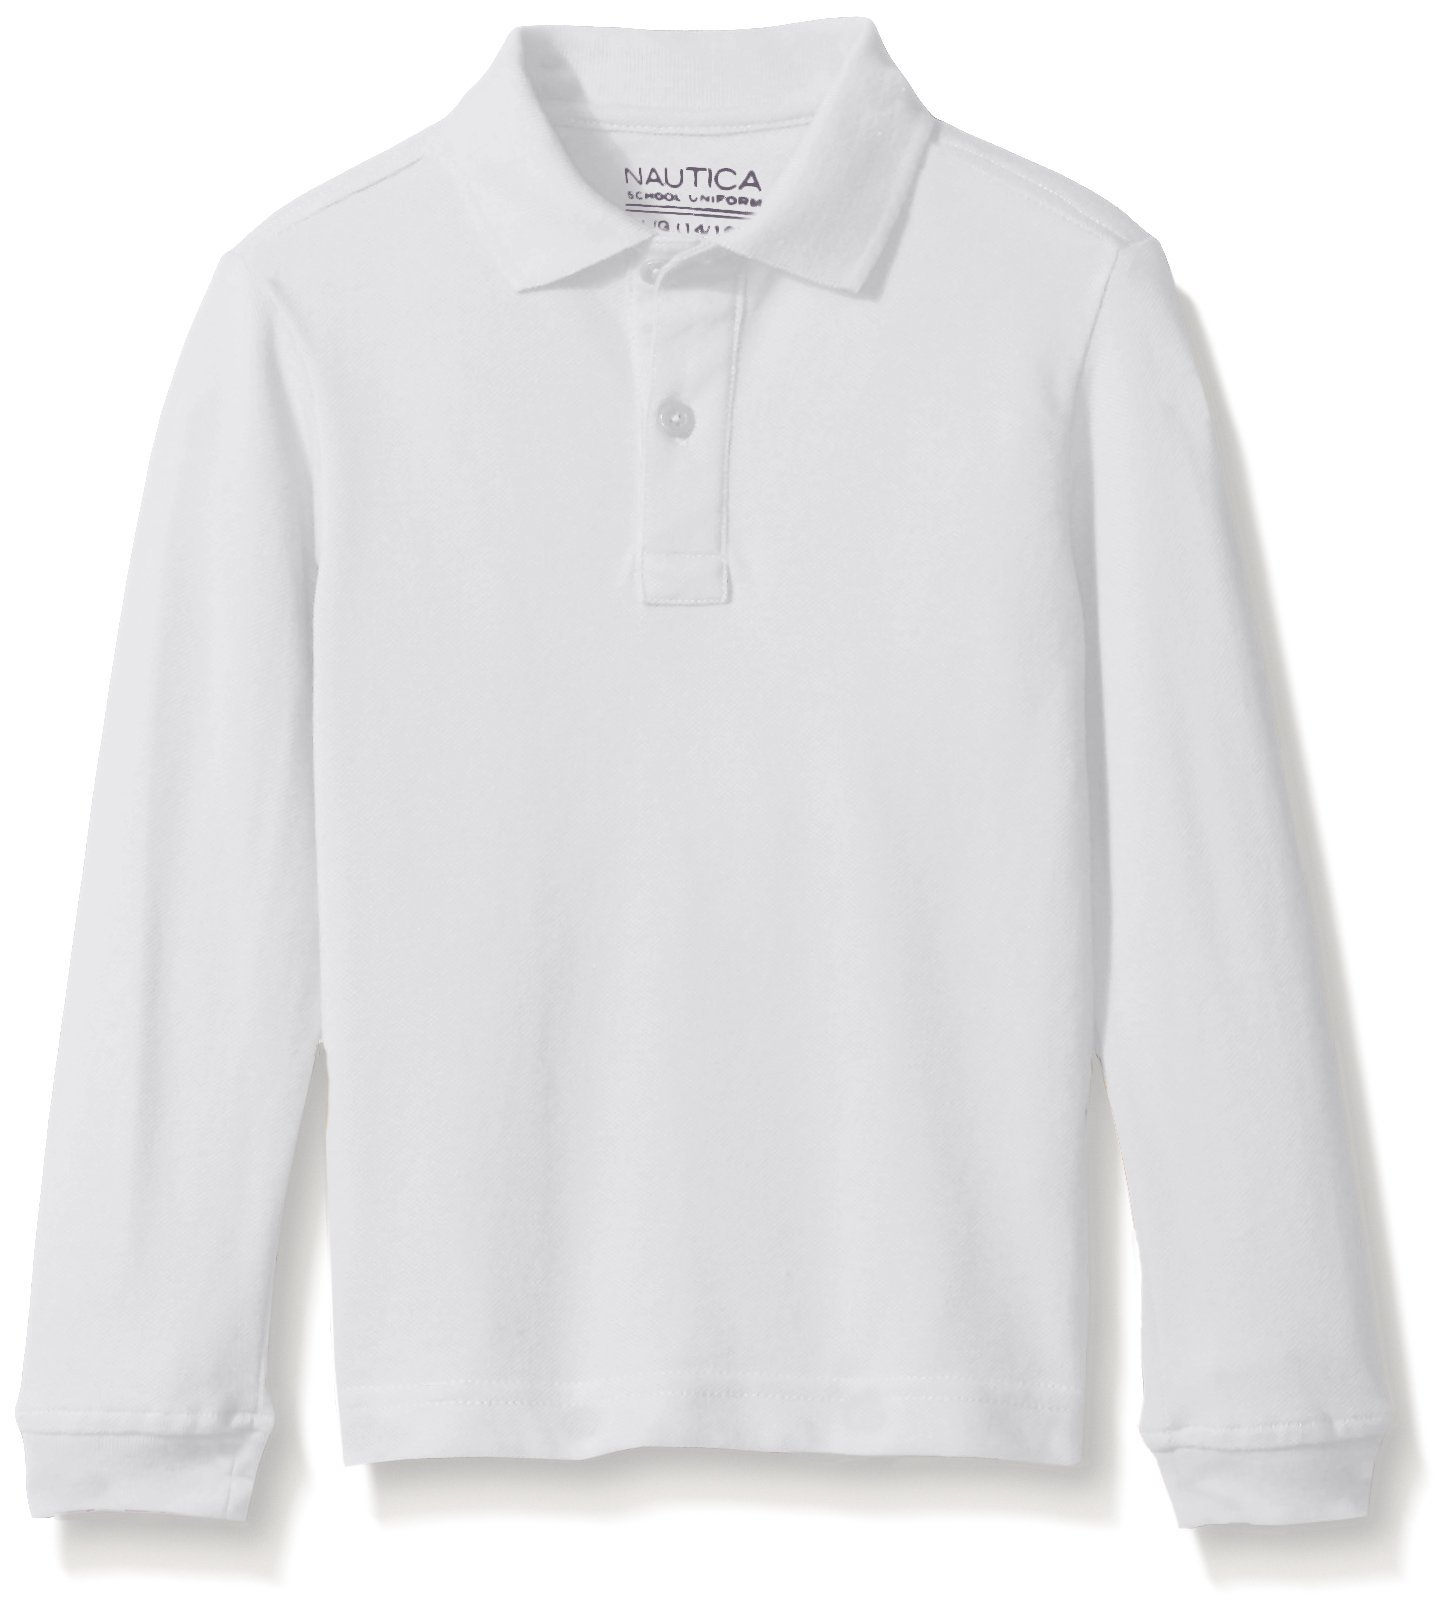 Nautica Little Boys' Uniform Long Sleeve Pique Polo, White, Medium/5